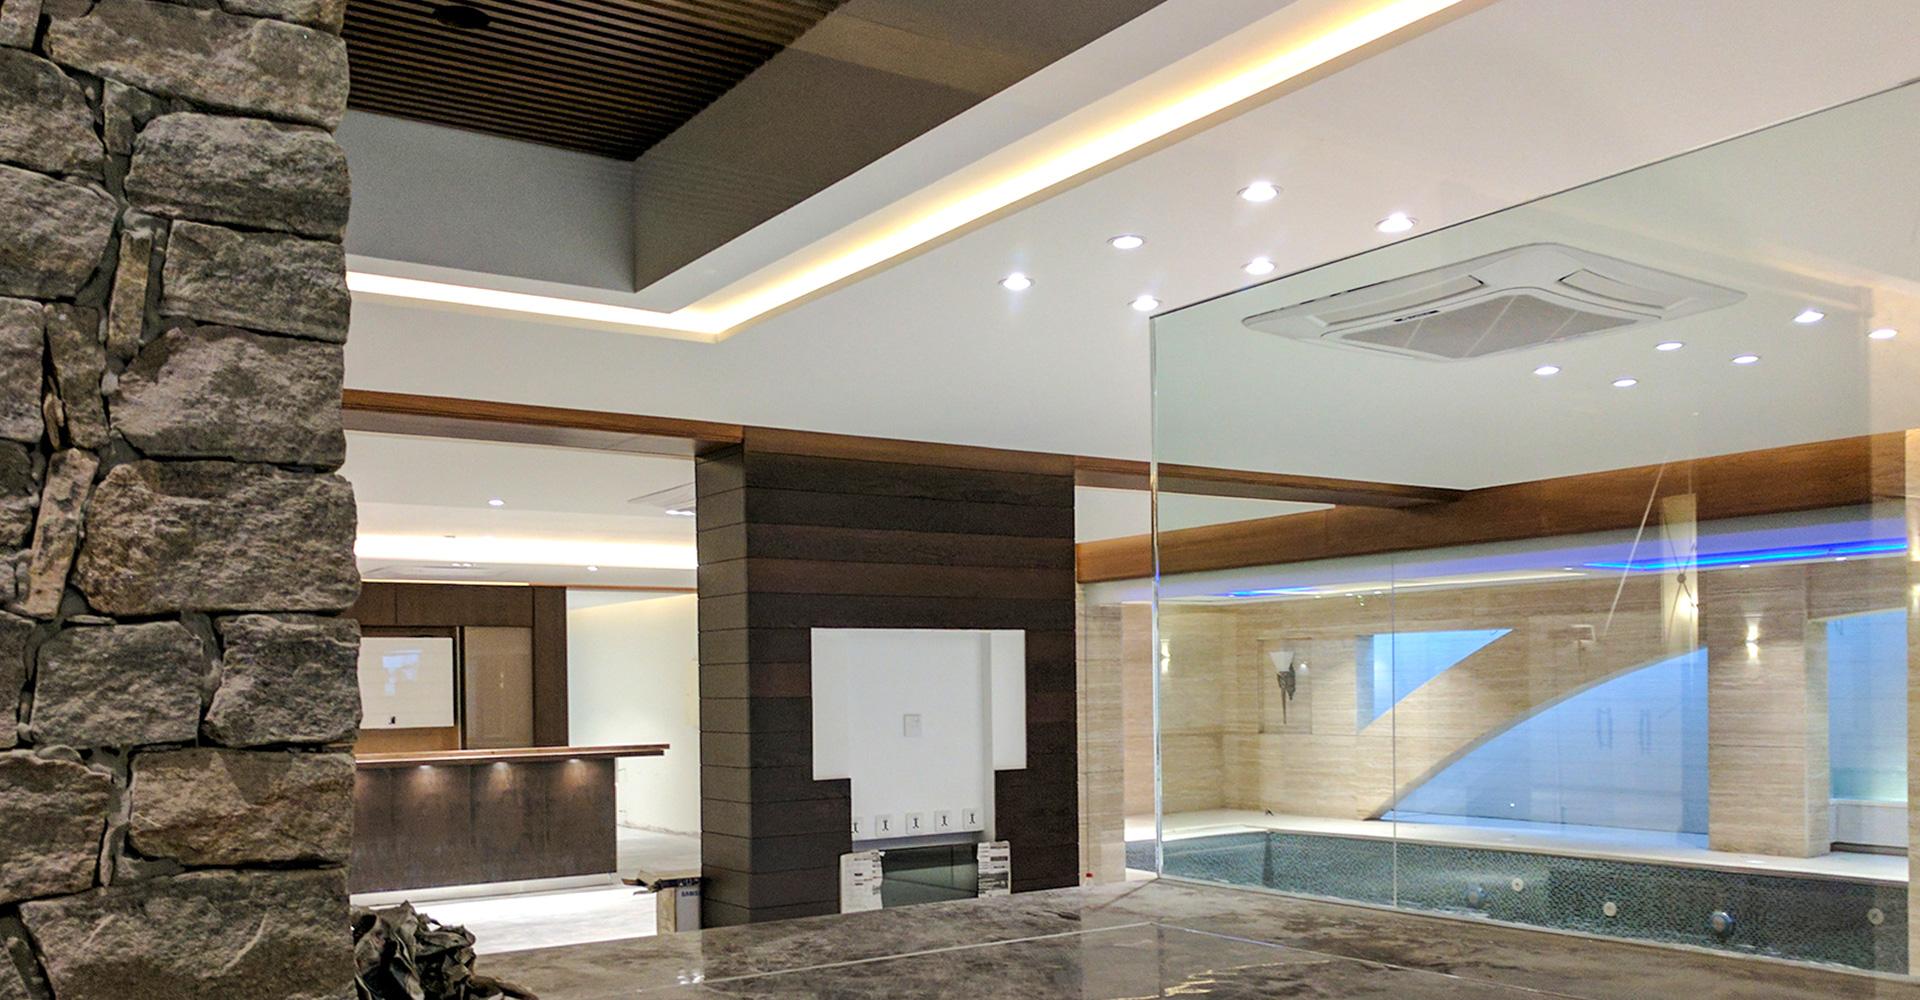 Residential-Interior-Design-Hiline-Lahore-portfolio-65J-DHA-EME-05 (24)